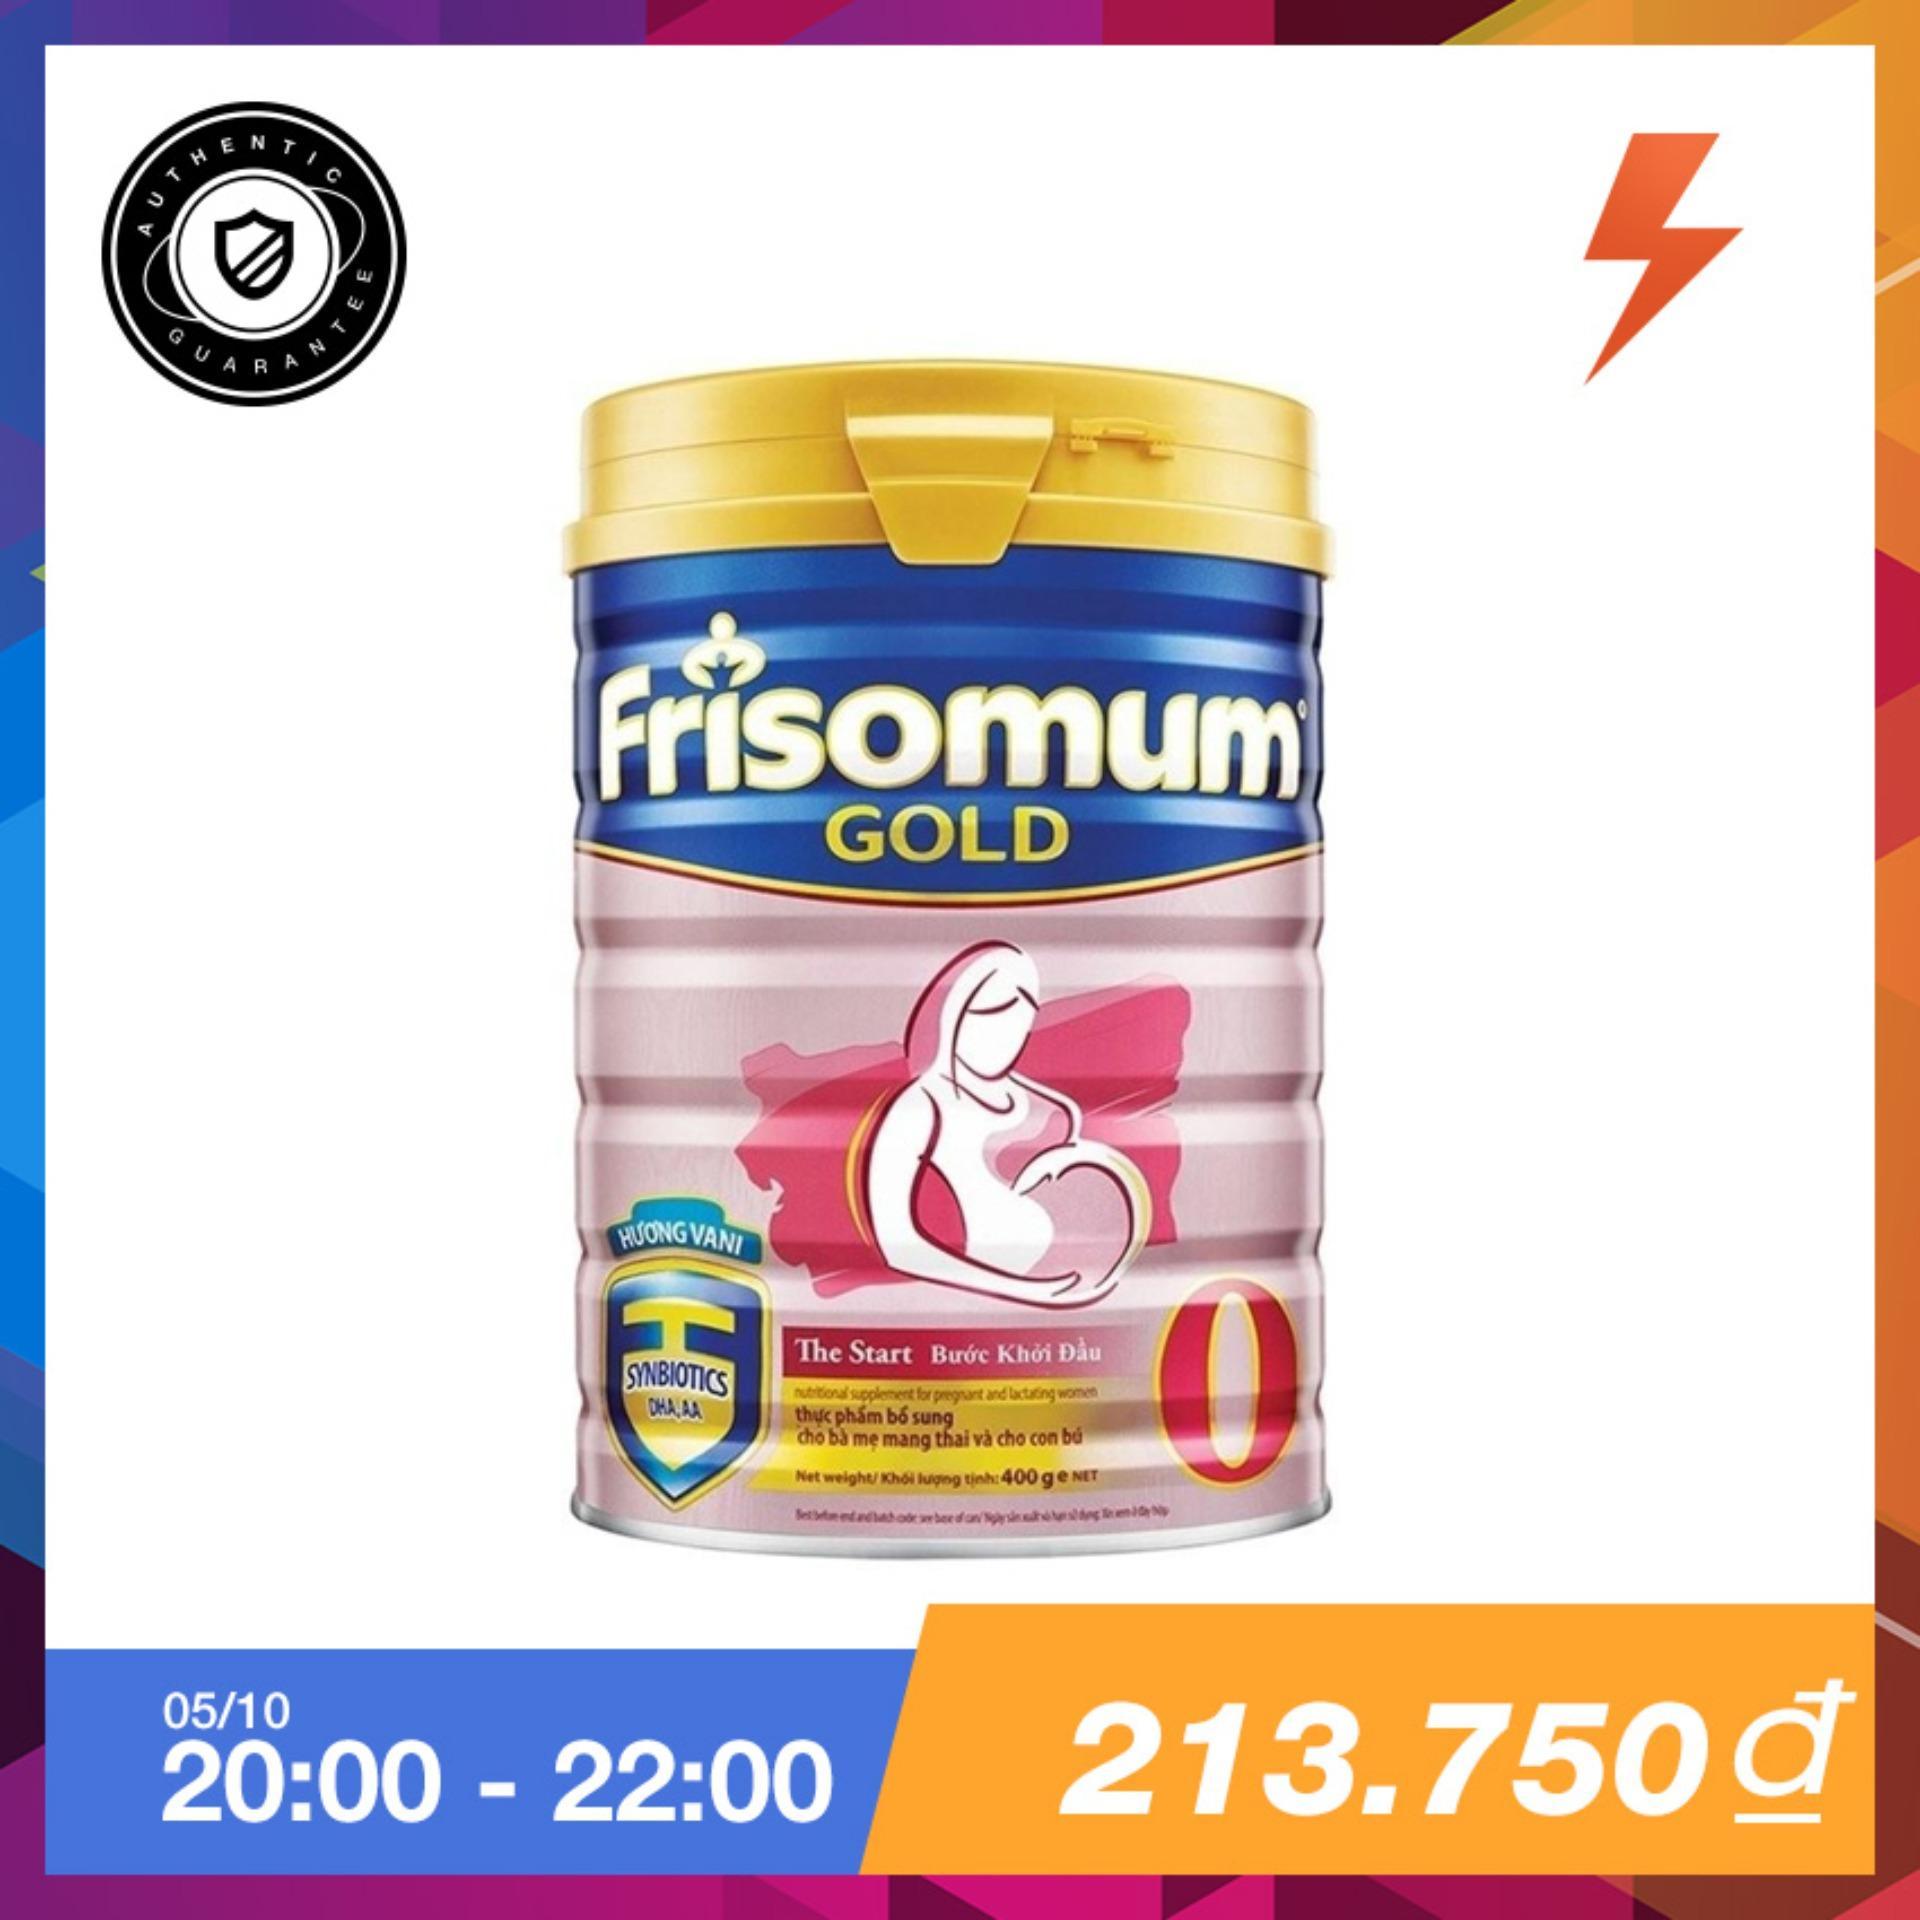 Mua Sữa Bột Frisomum Gold Hương Vani 400G Friso Trực Tuyến